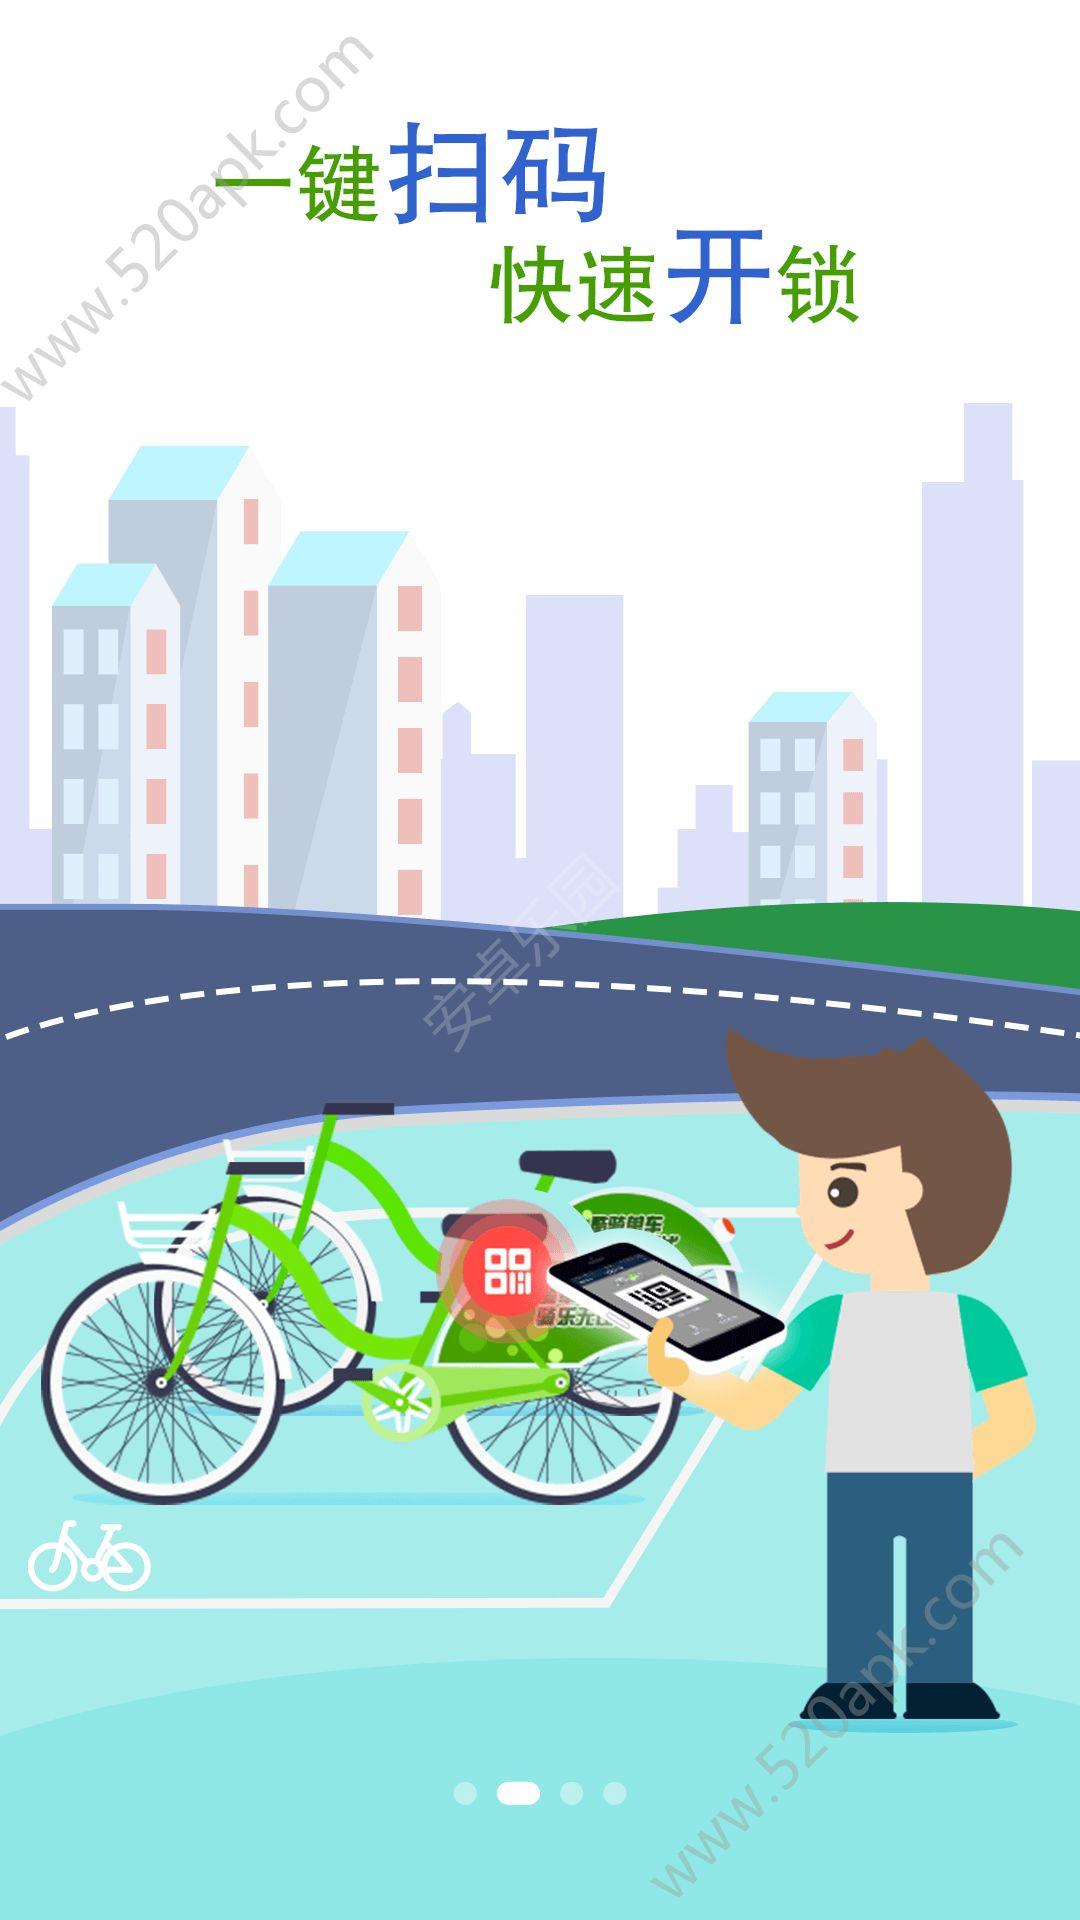 沈阳共享单车的客服电话是多少?沈阳共享单车的客服电话[图]图片1